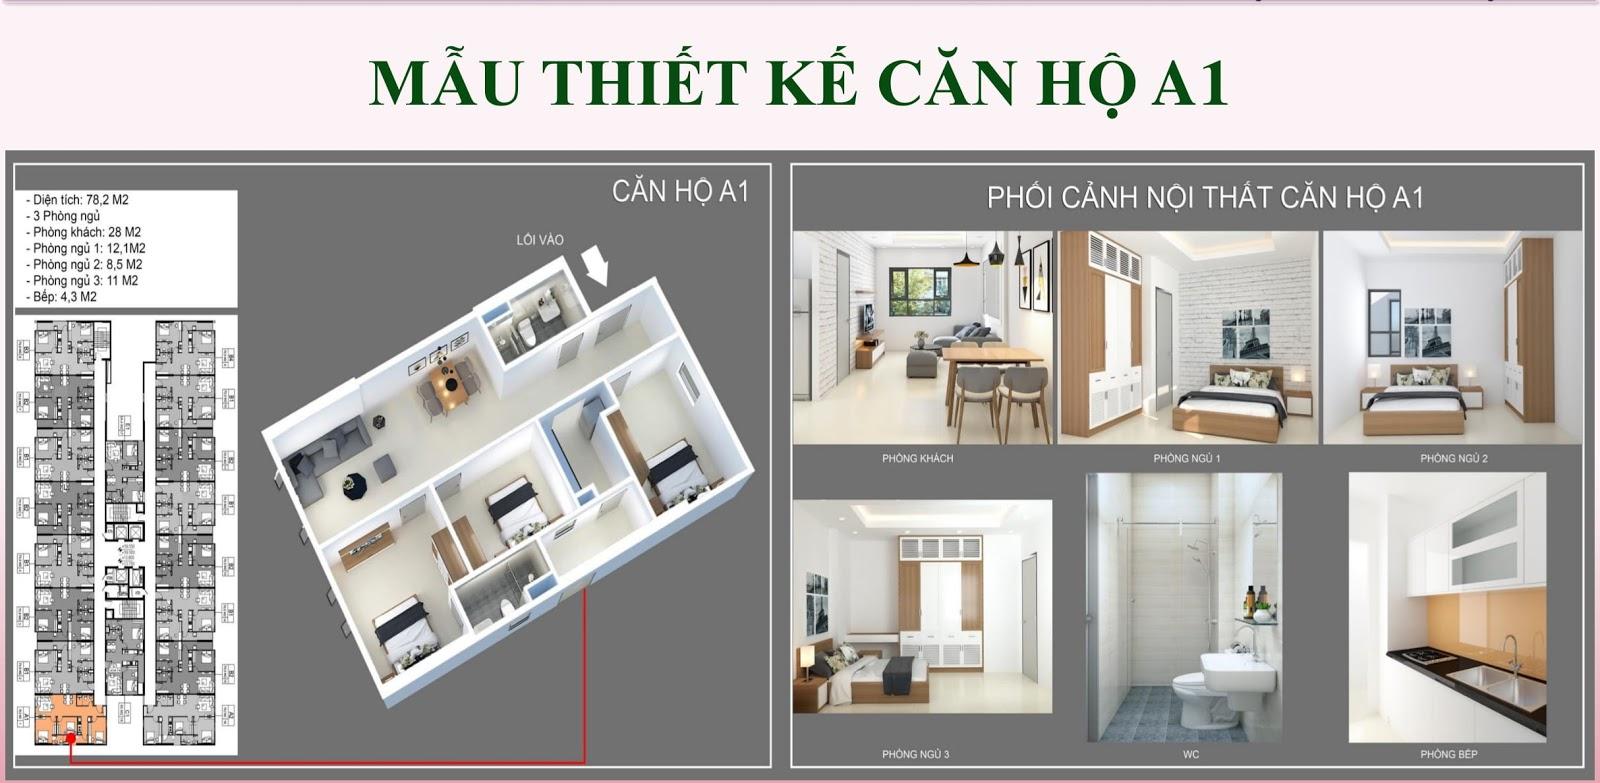 Mẫu thiết kế căn hộ A1